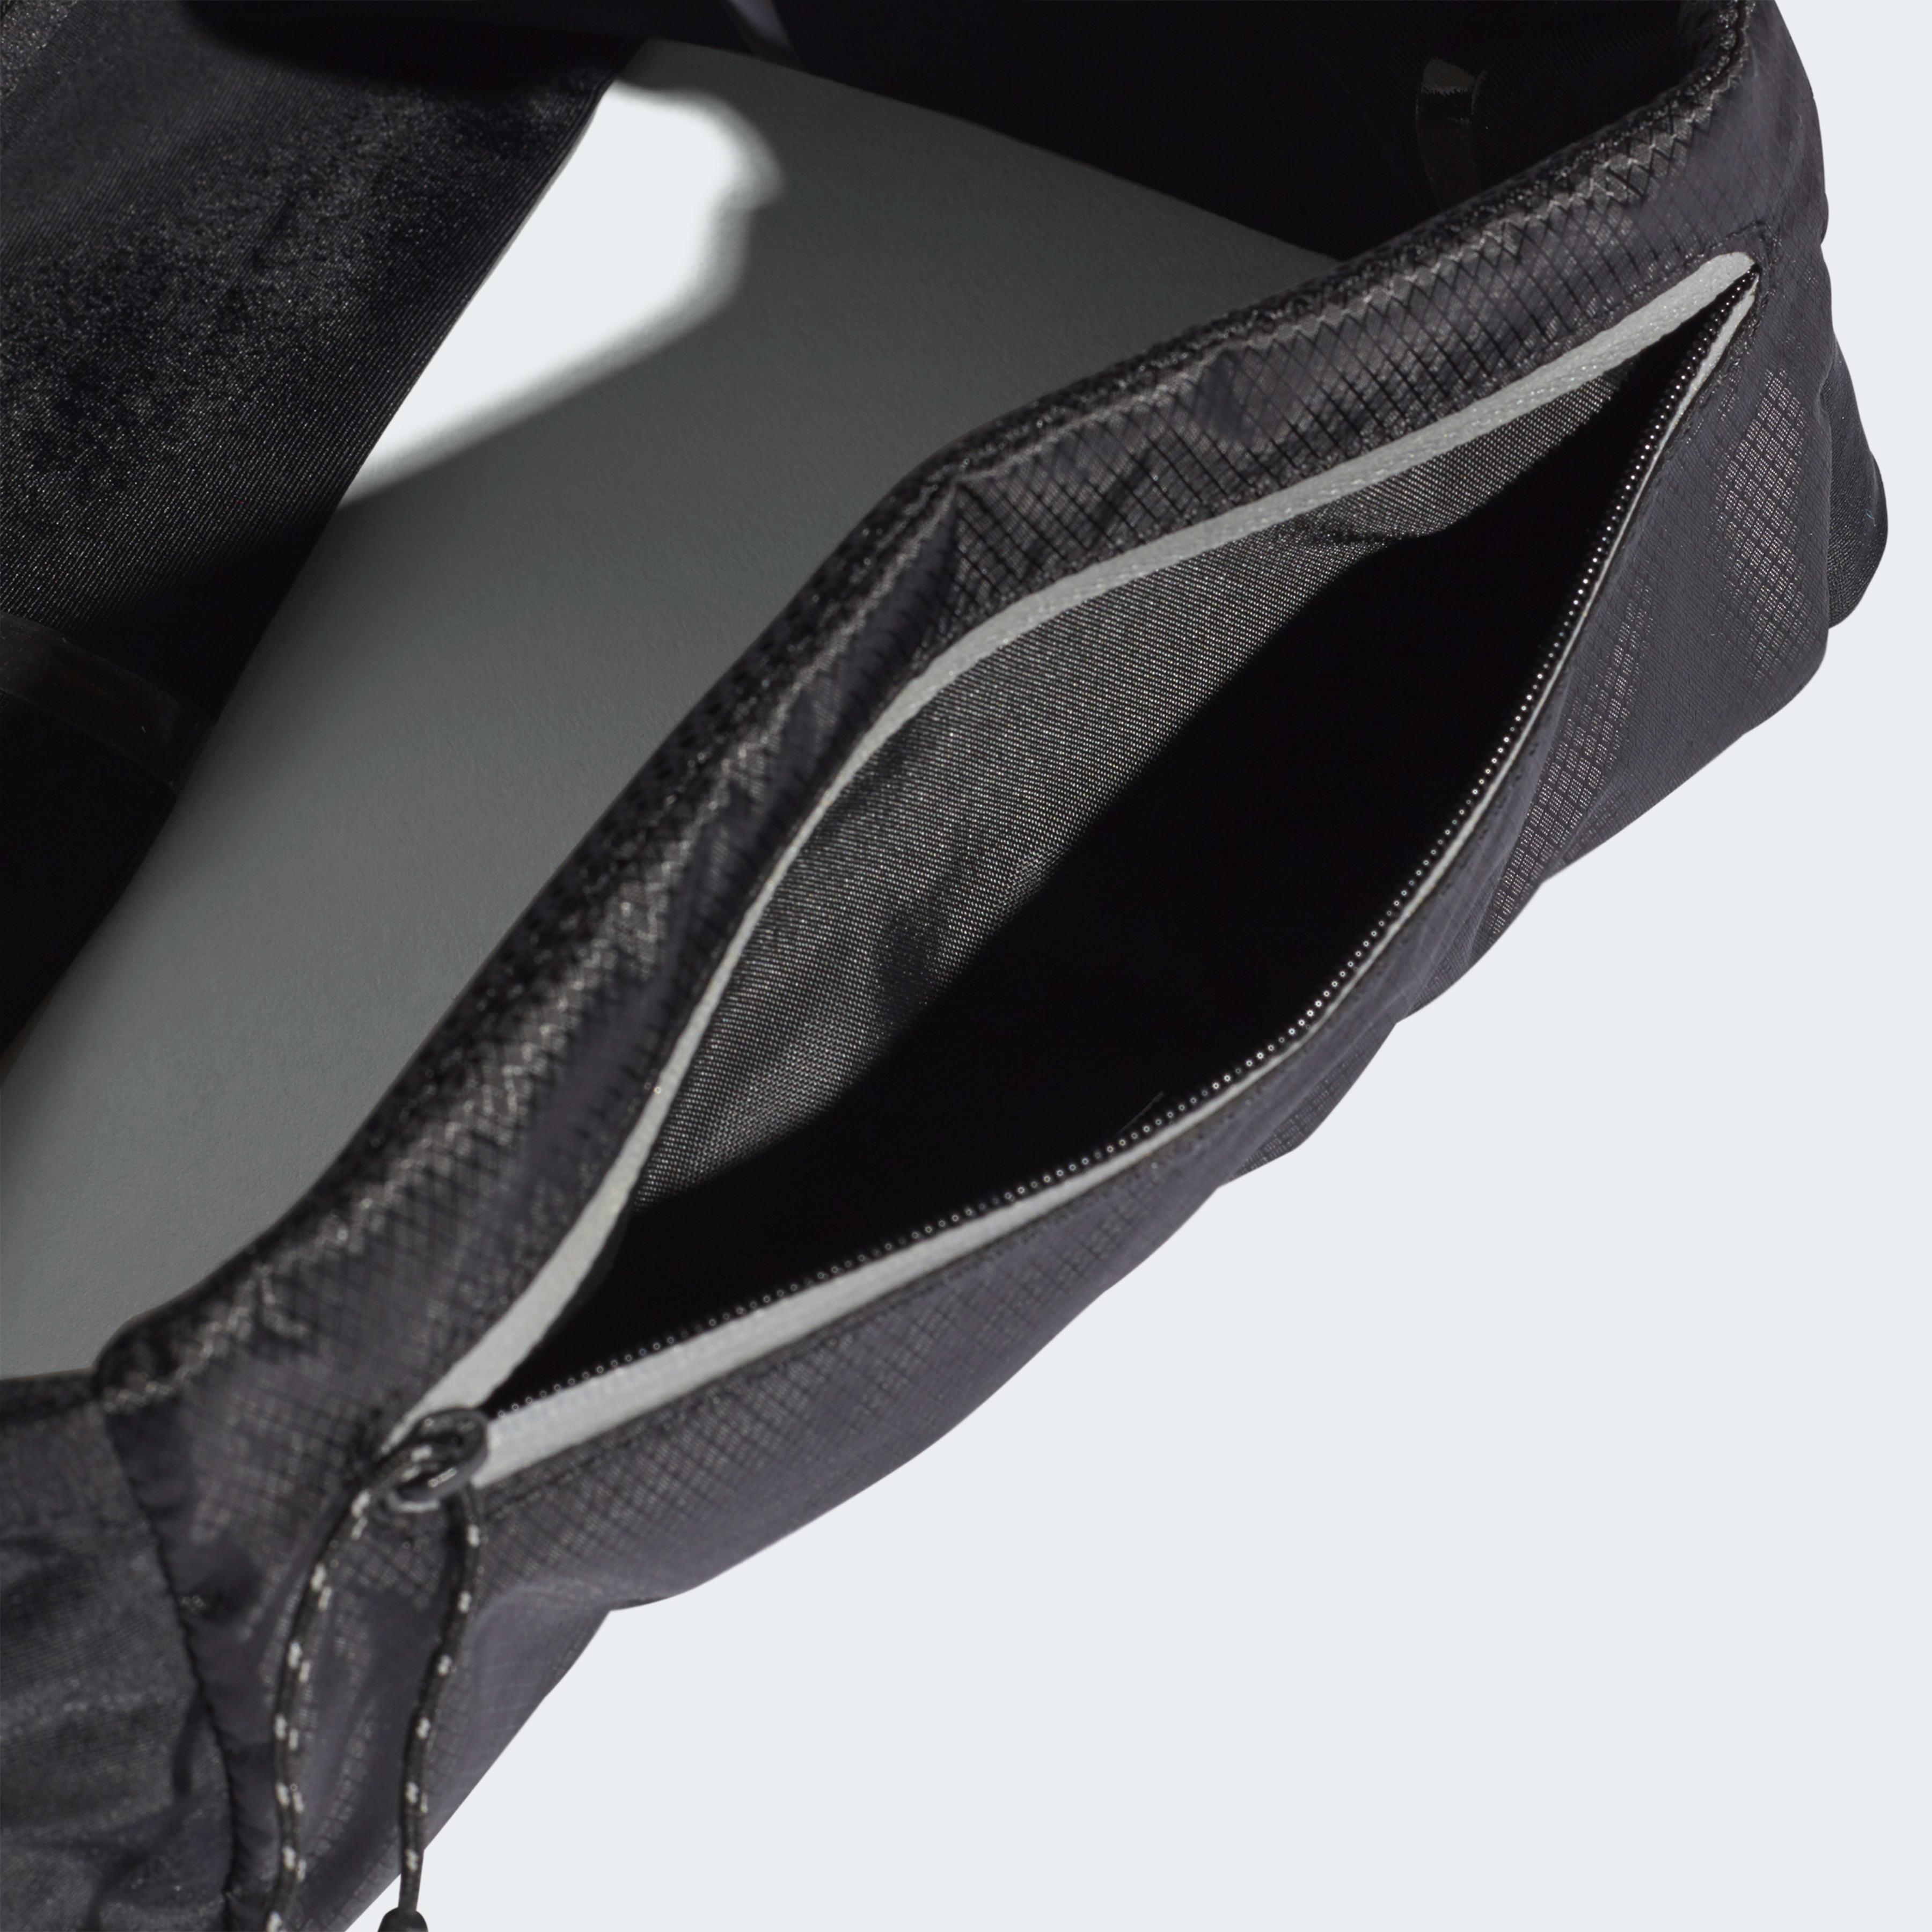 Ceinture Run Plus Synthétique adidas en coloris Noir